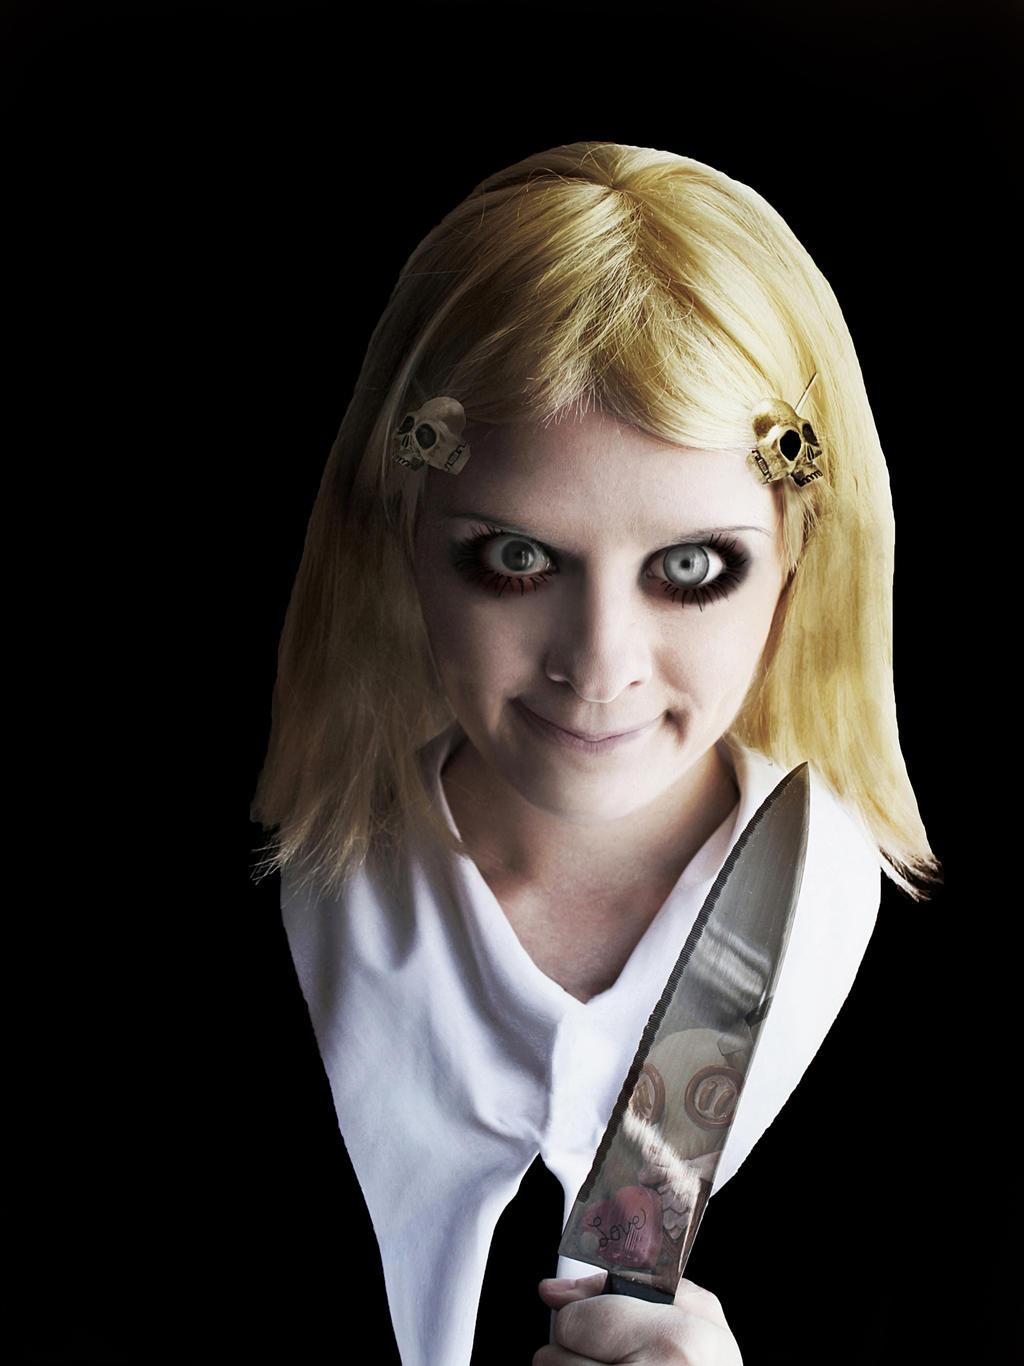 Lenore, the Cute Little Dead Girl by Krieitor on DeviantArt